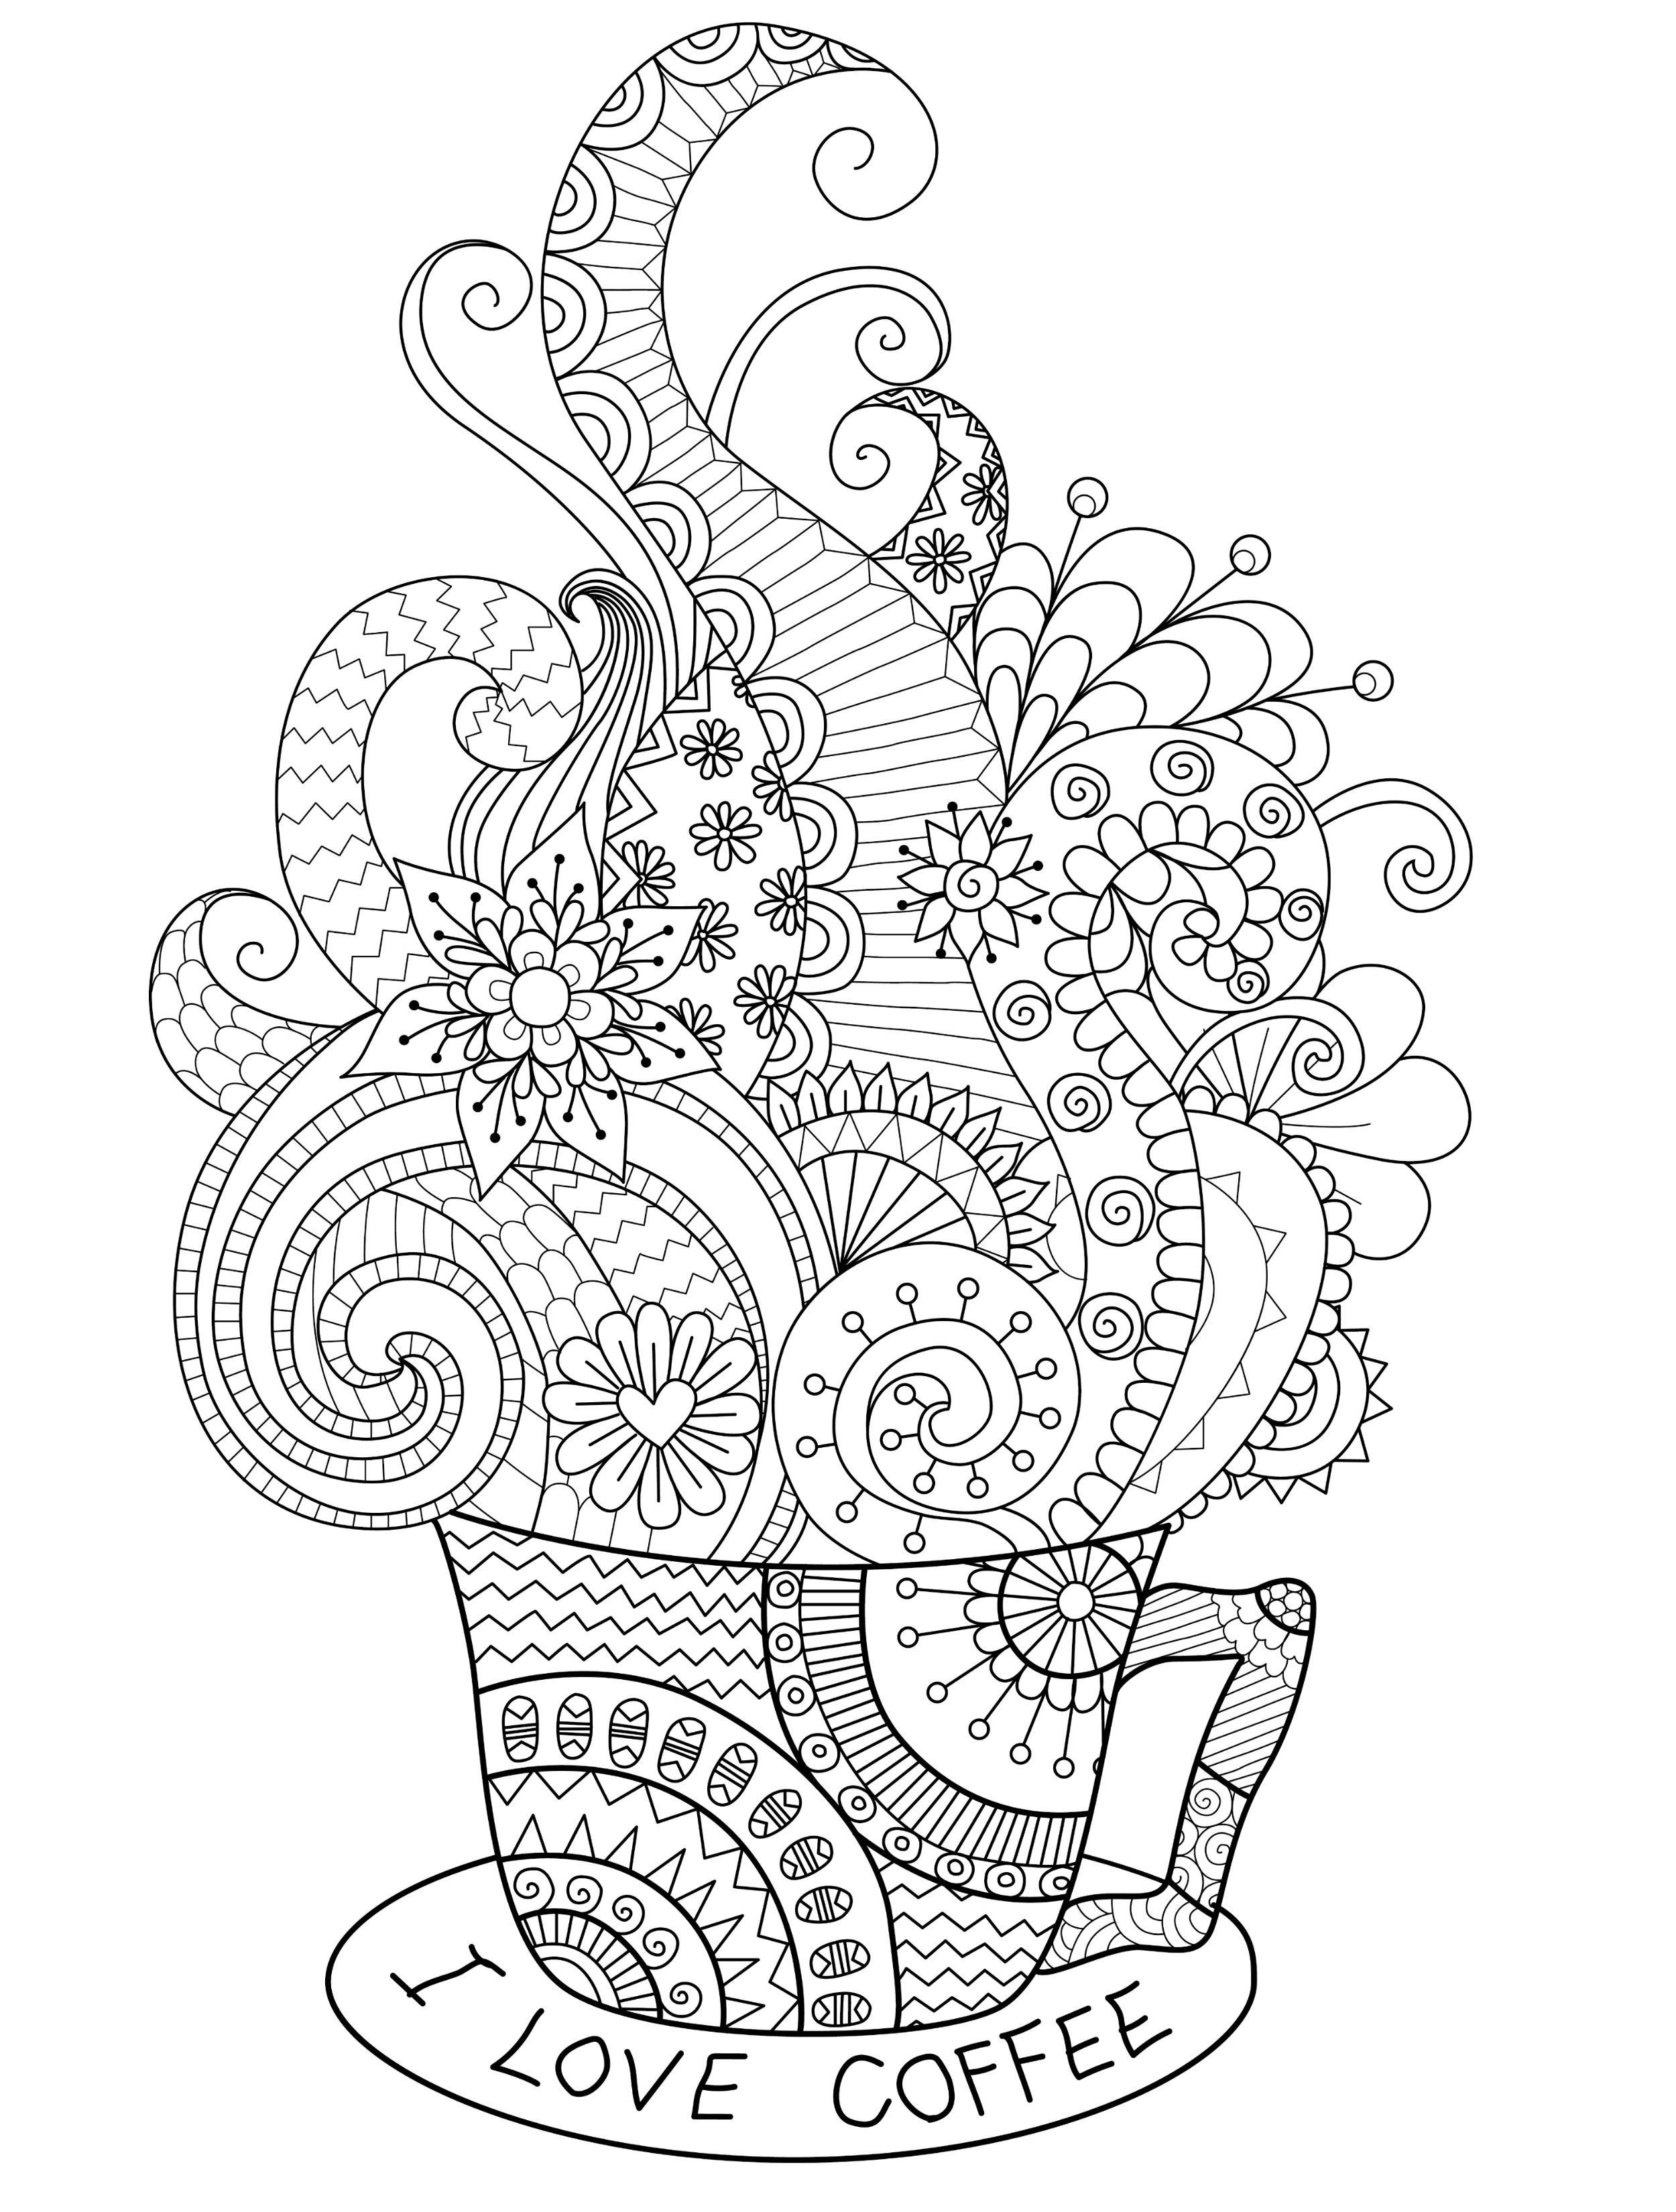 Pin de Andrea Delgado Vasquez en mandalas | Pinterest | Mandalas ...